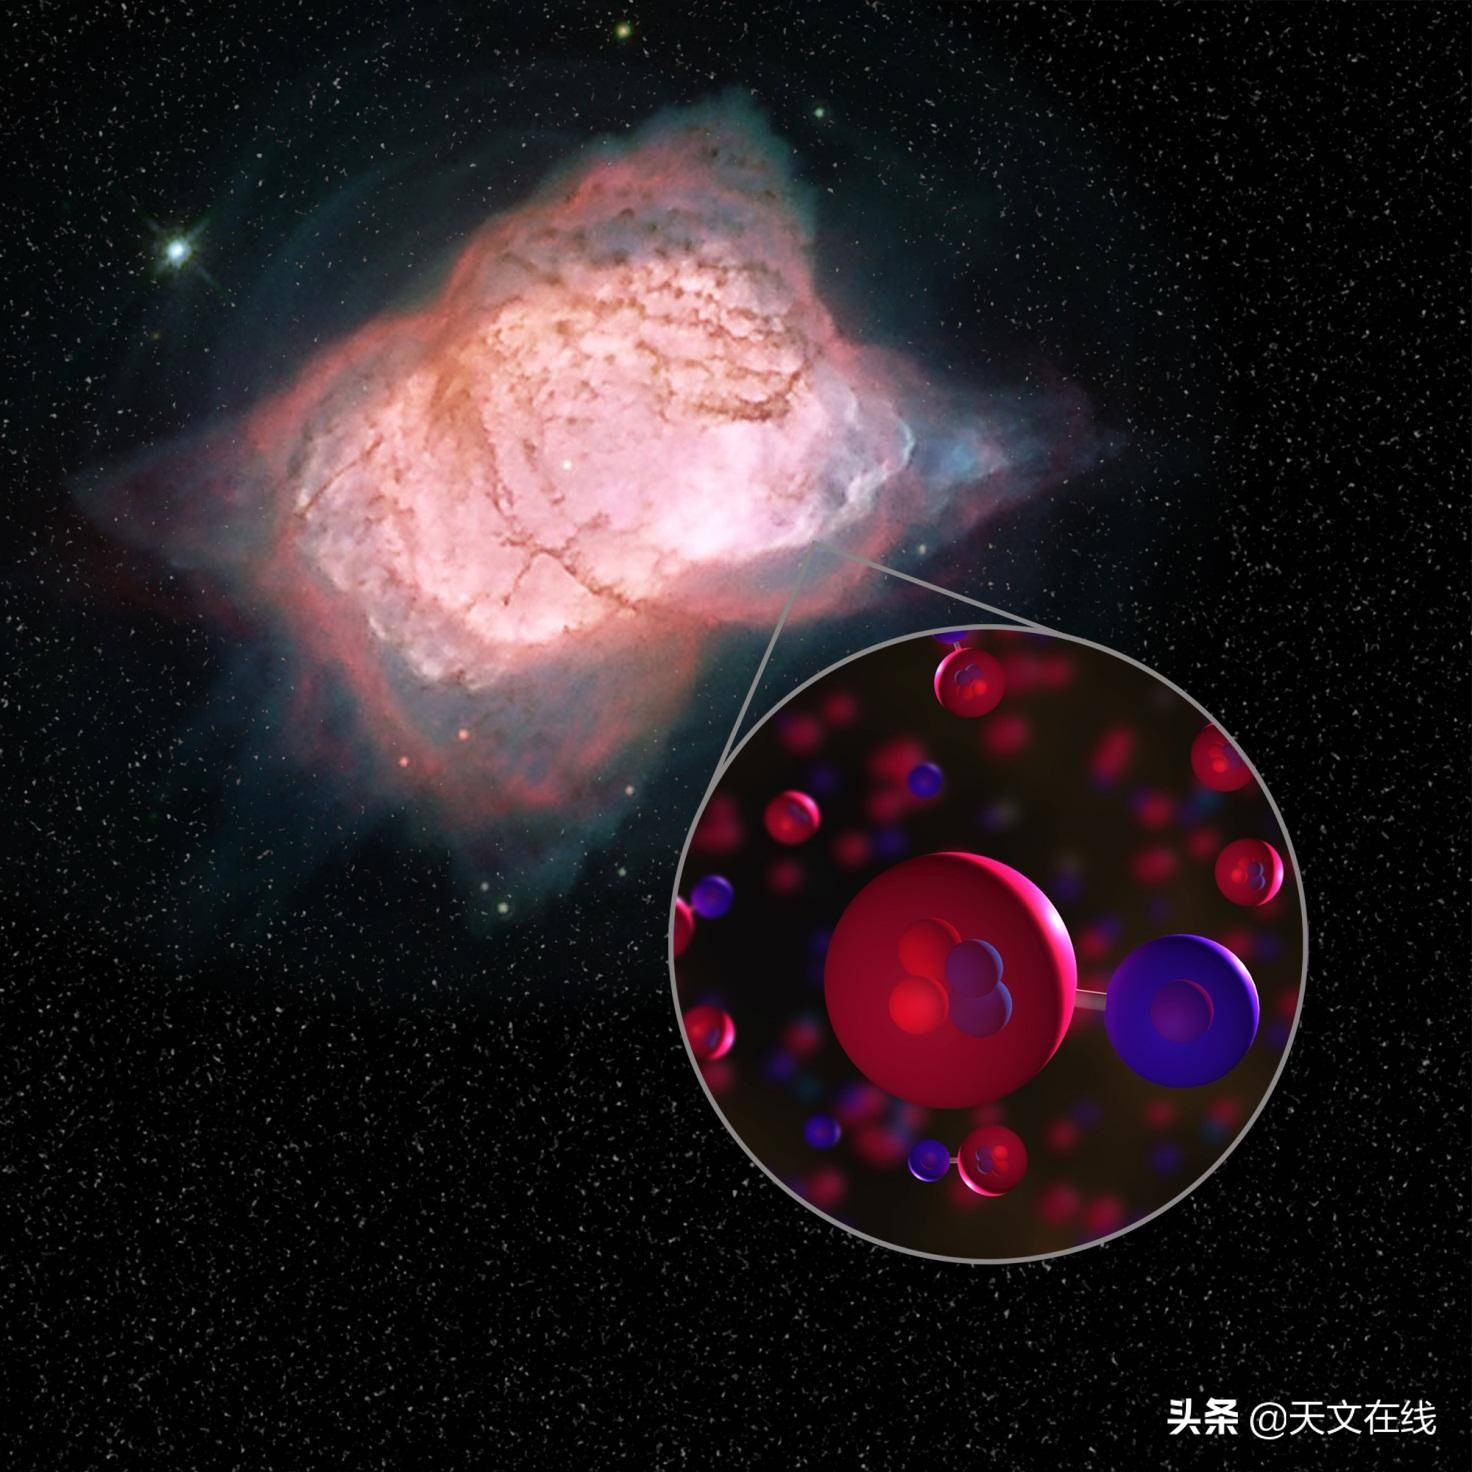 科学家在星际云中发现了手性分子,那么它究竟是什么?和手有关吗